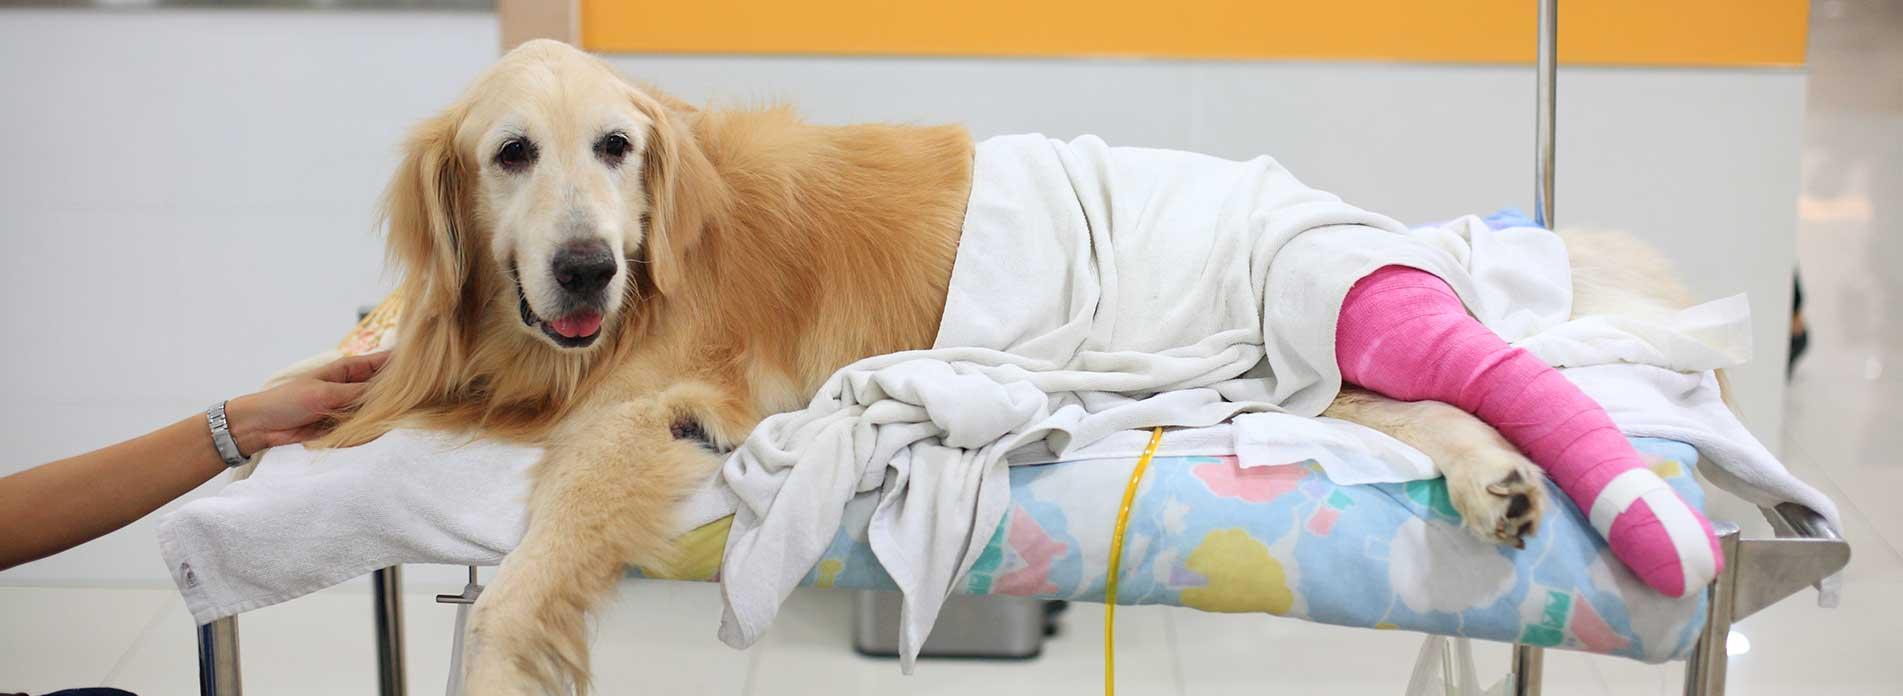 dog broken leg